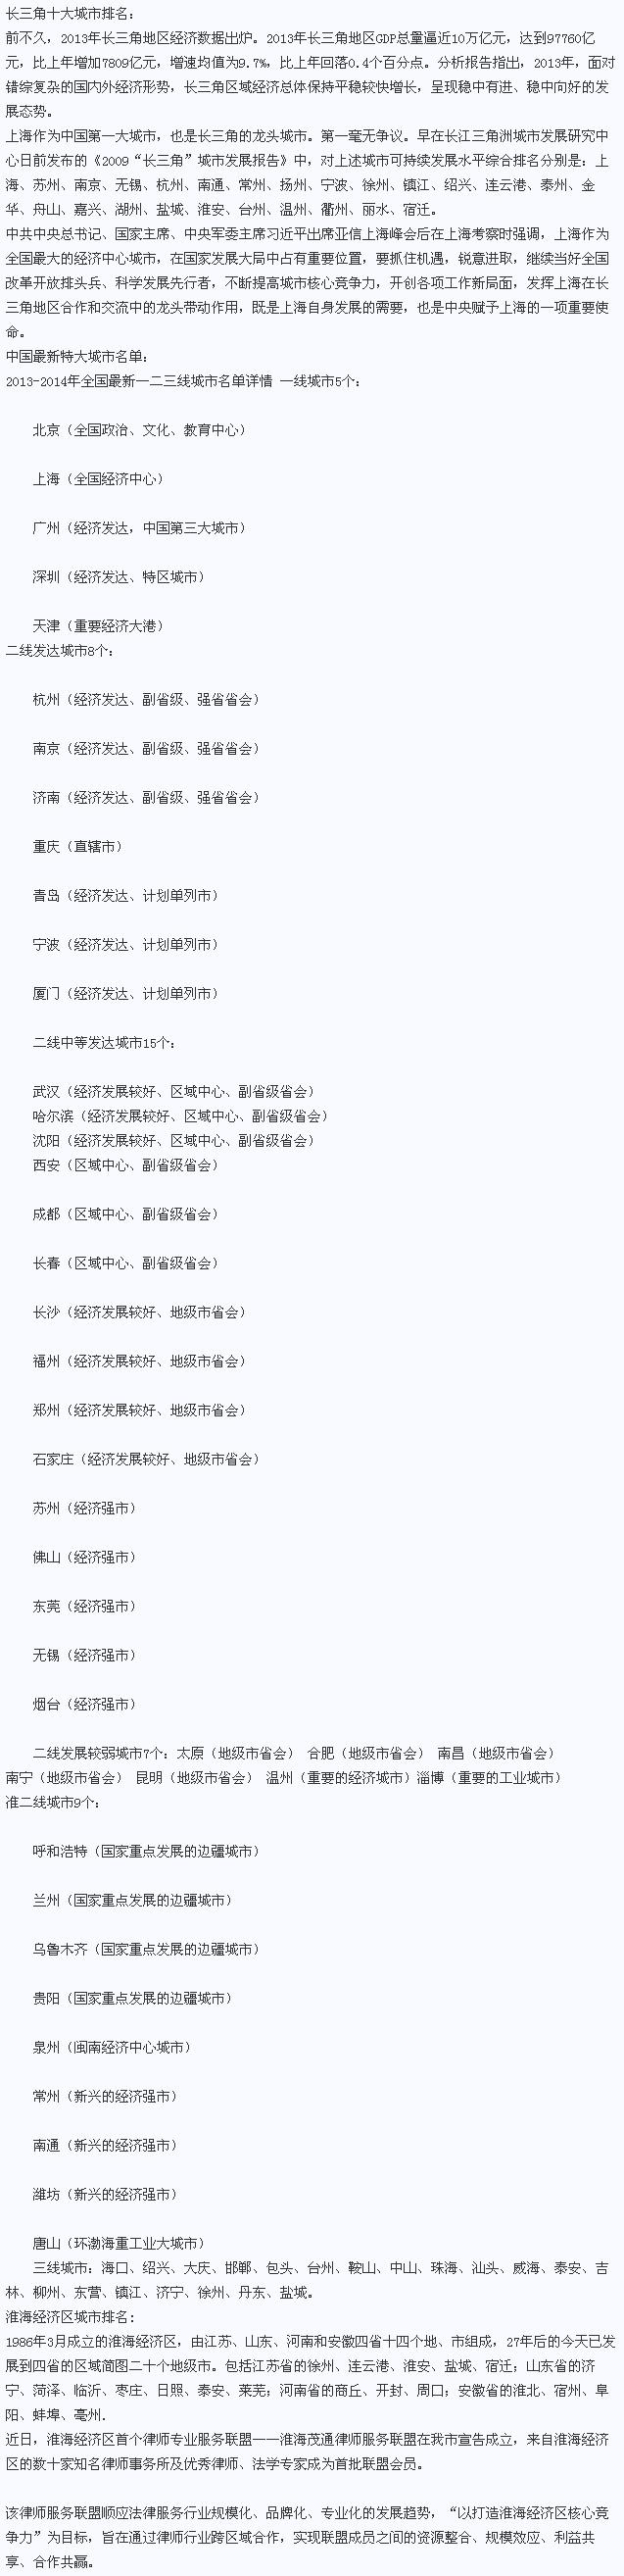 2014中国十大城市排名是怎样,中国十大城市排名